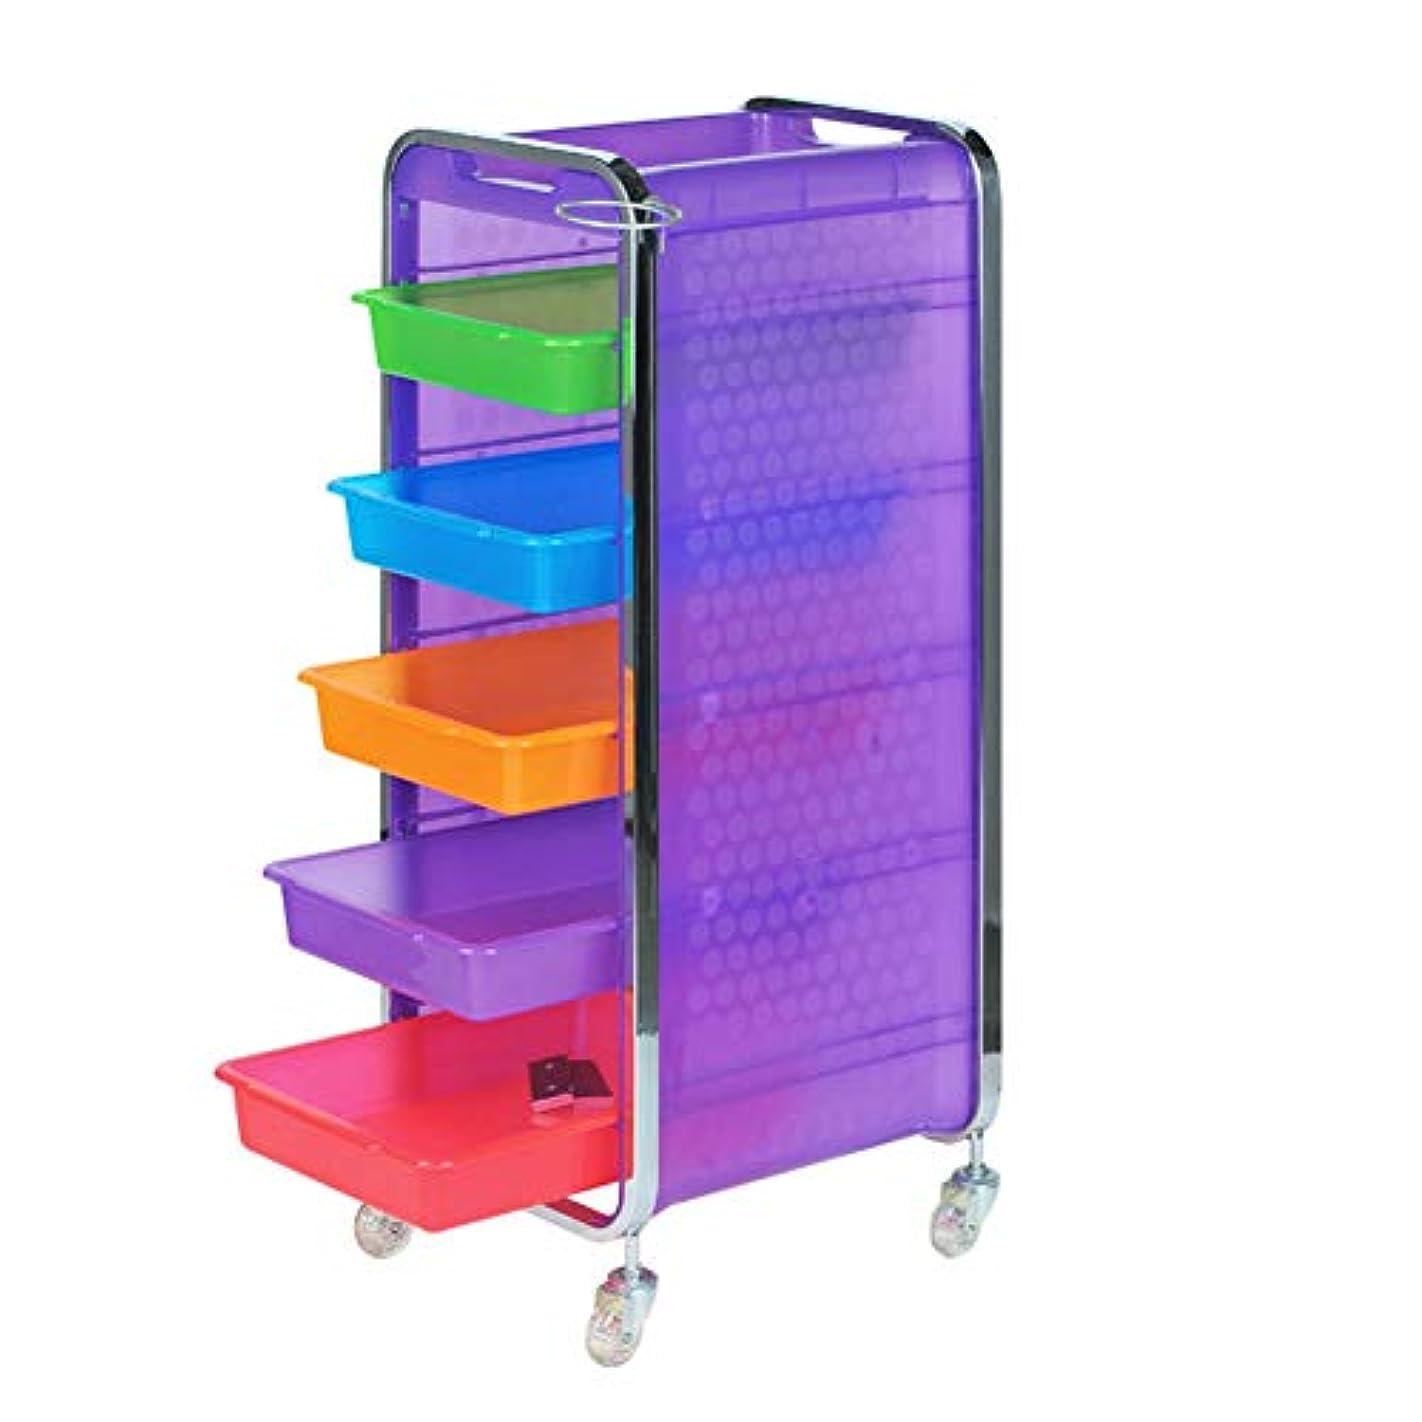 当社感動するペナルティサロン美容院トロリー美容美容収納カート6層トレイ多機能引き出し虹色,Purple,B